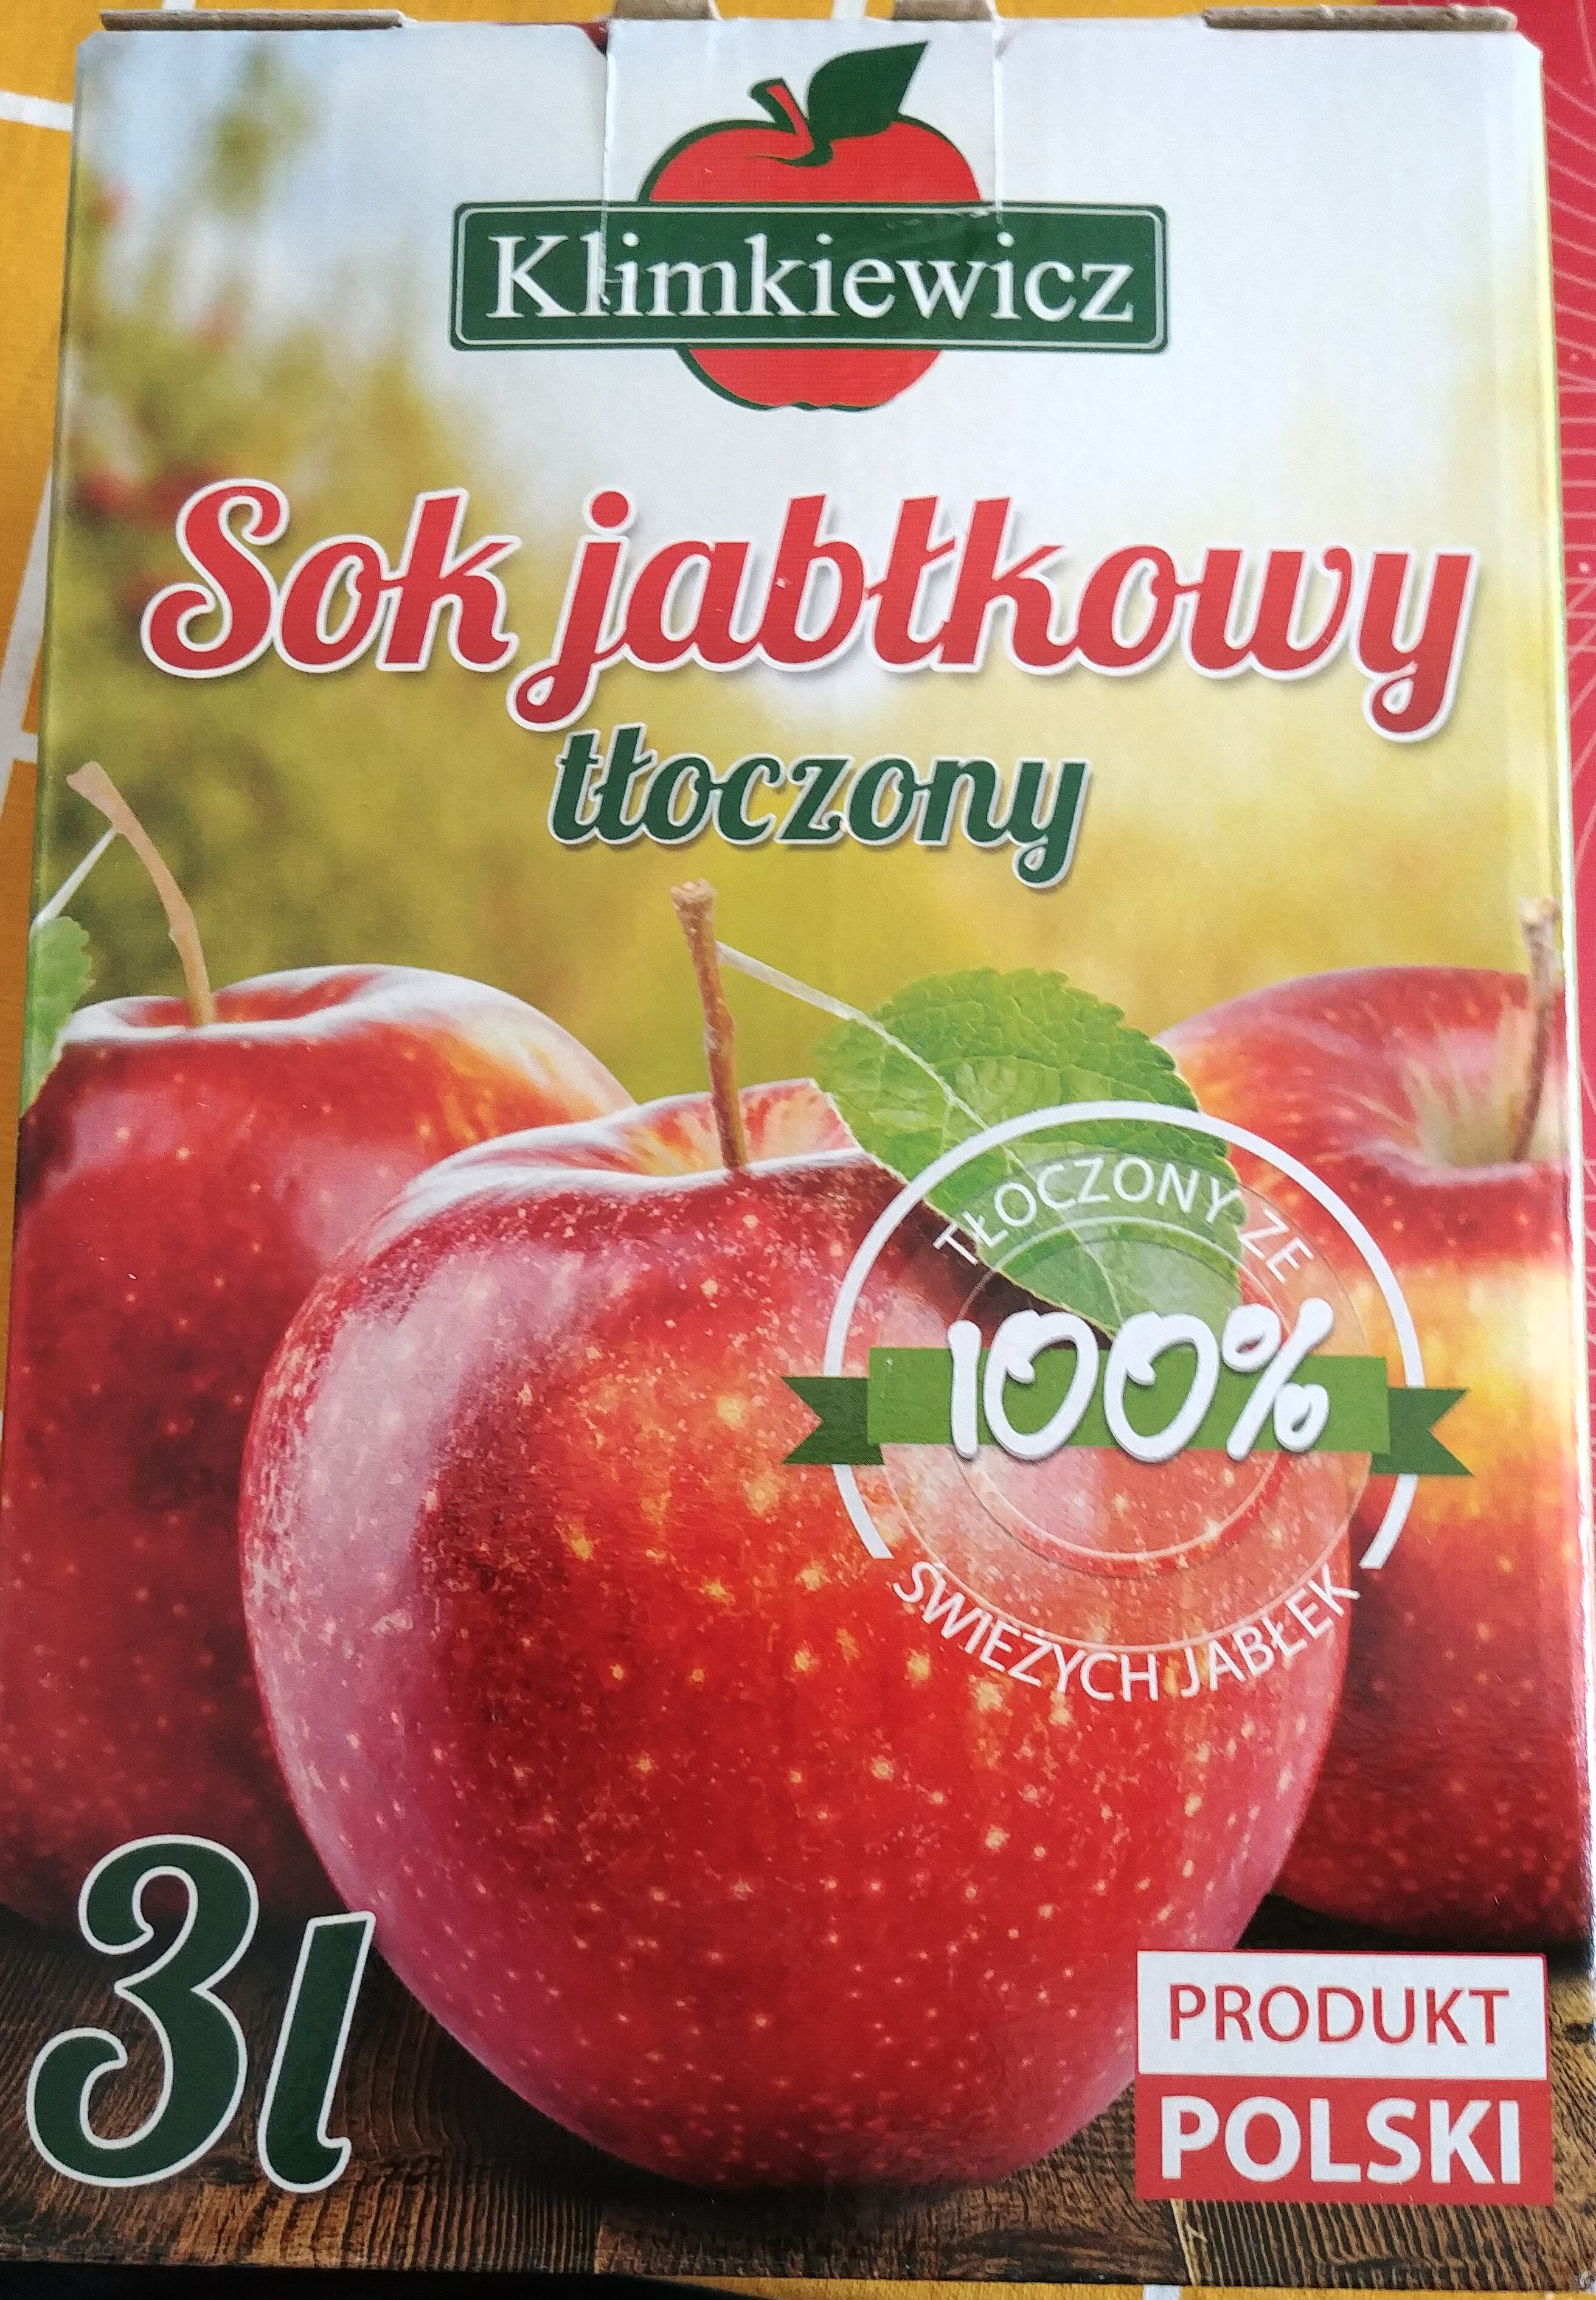 Sok jabłkowy tłoczony - Product